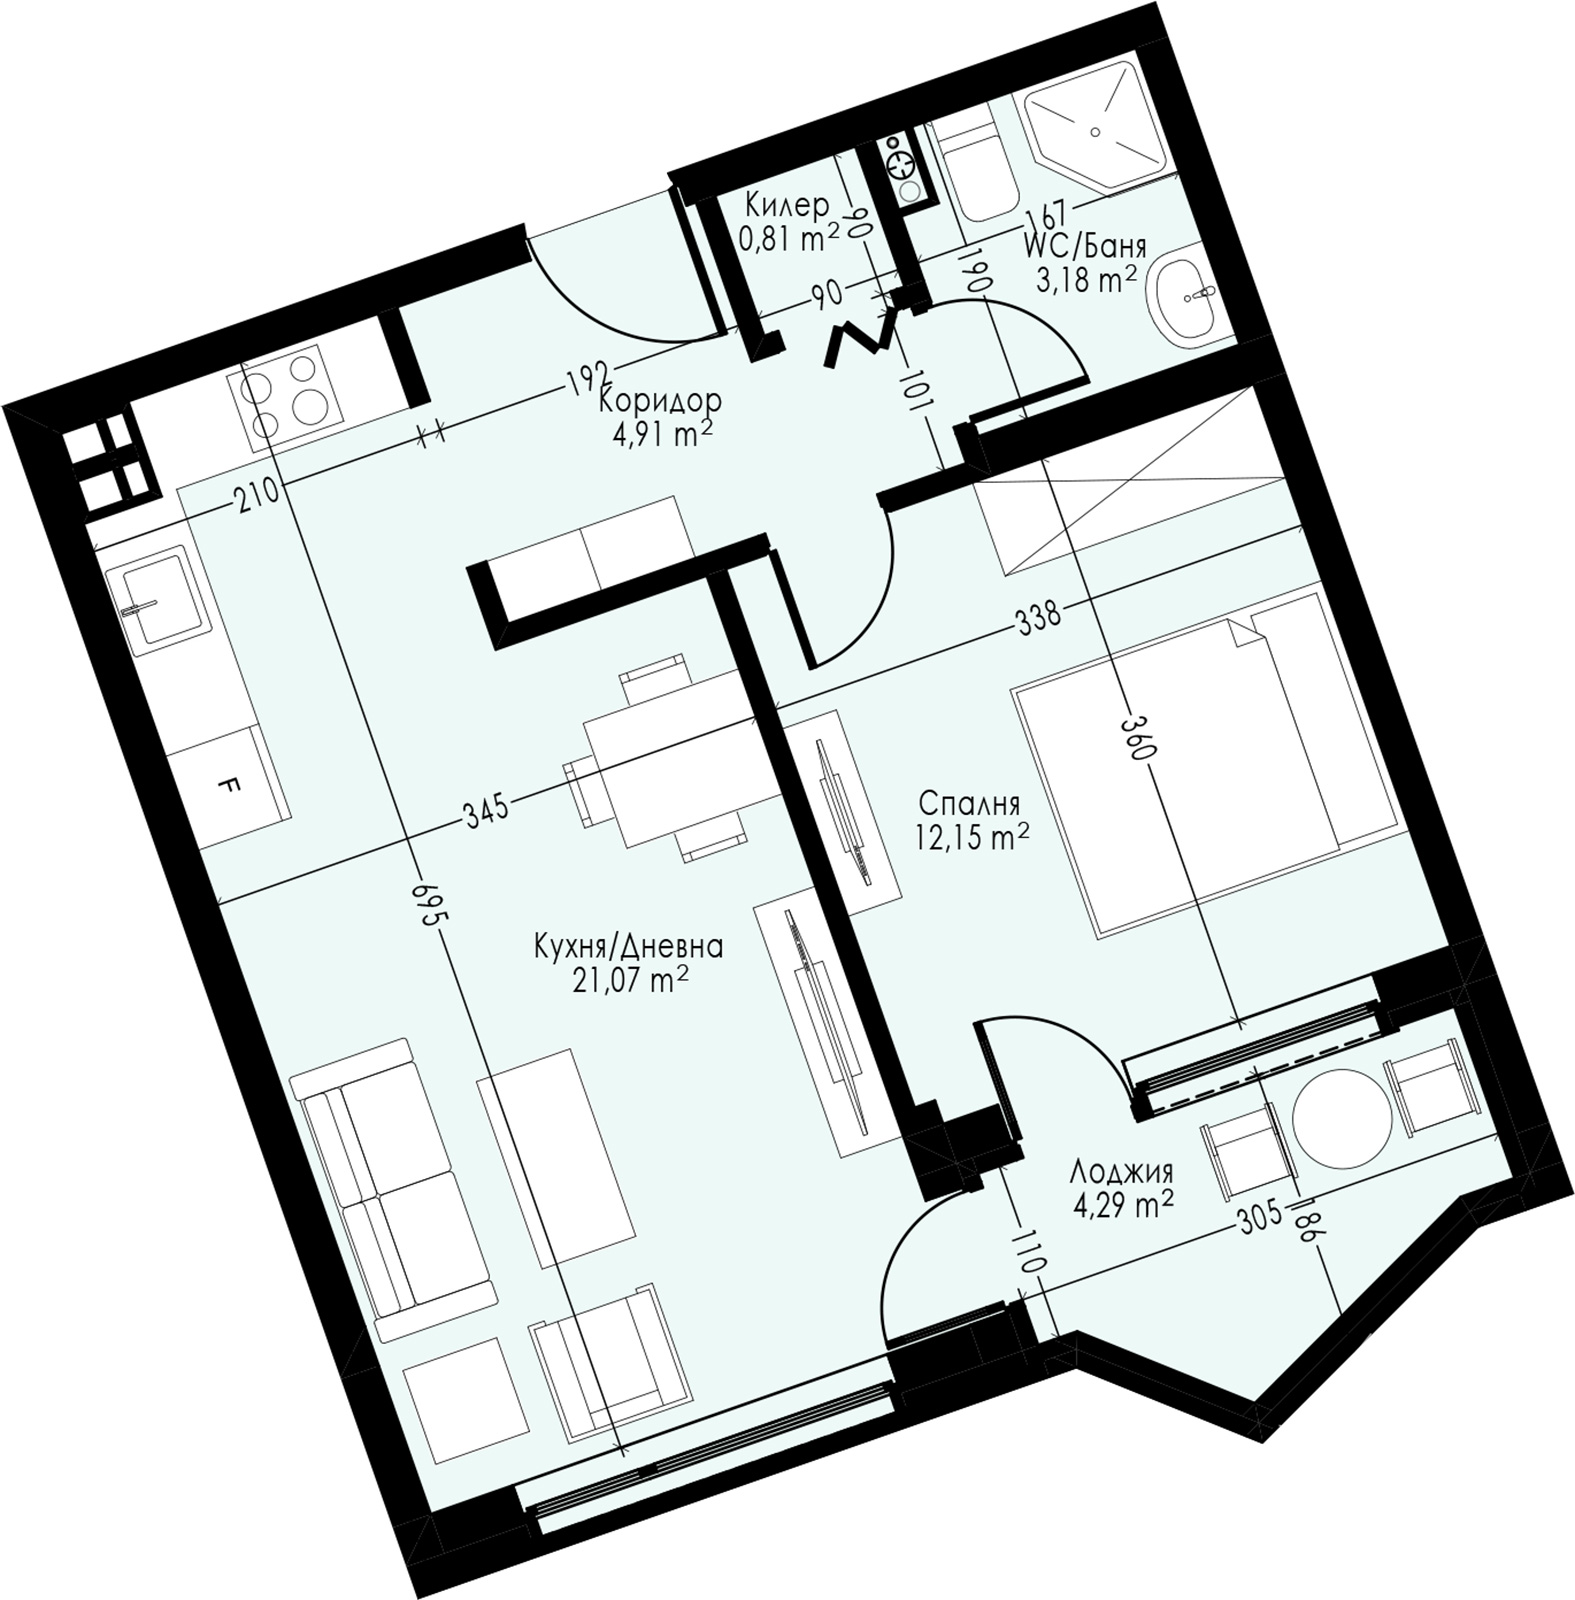 Апартамент 5